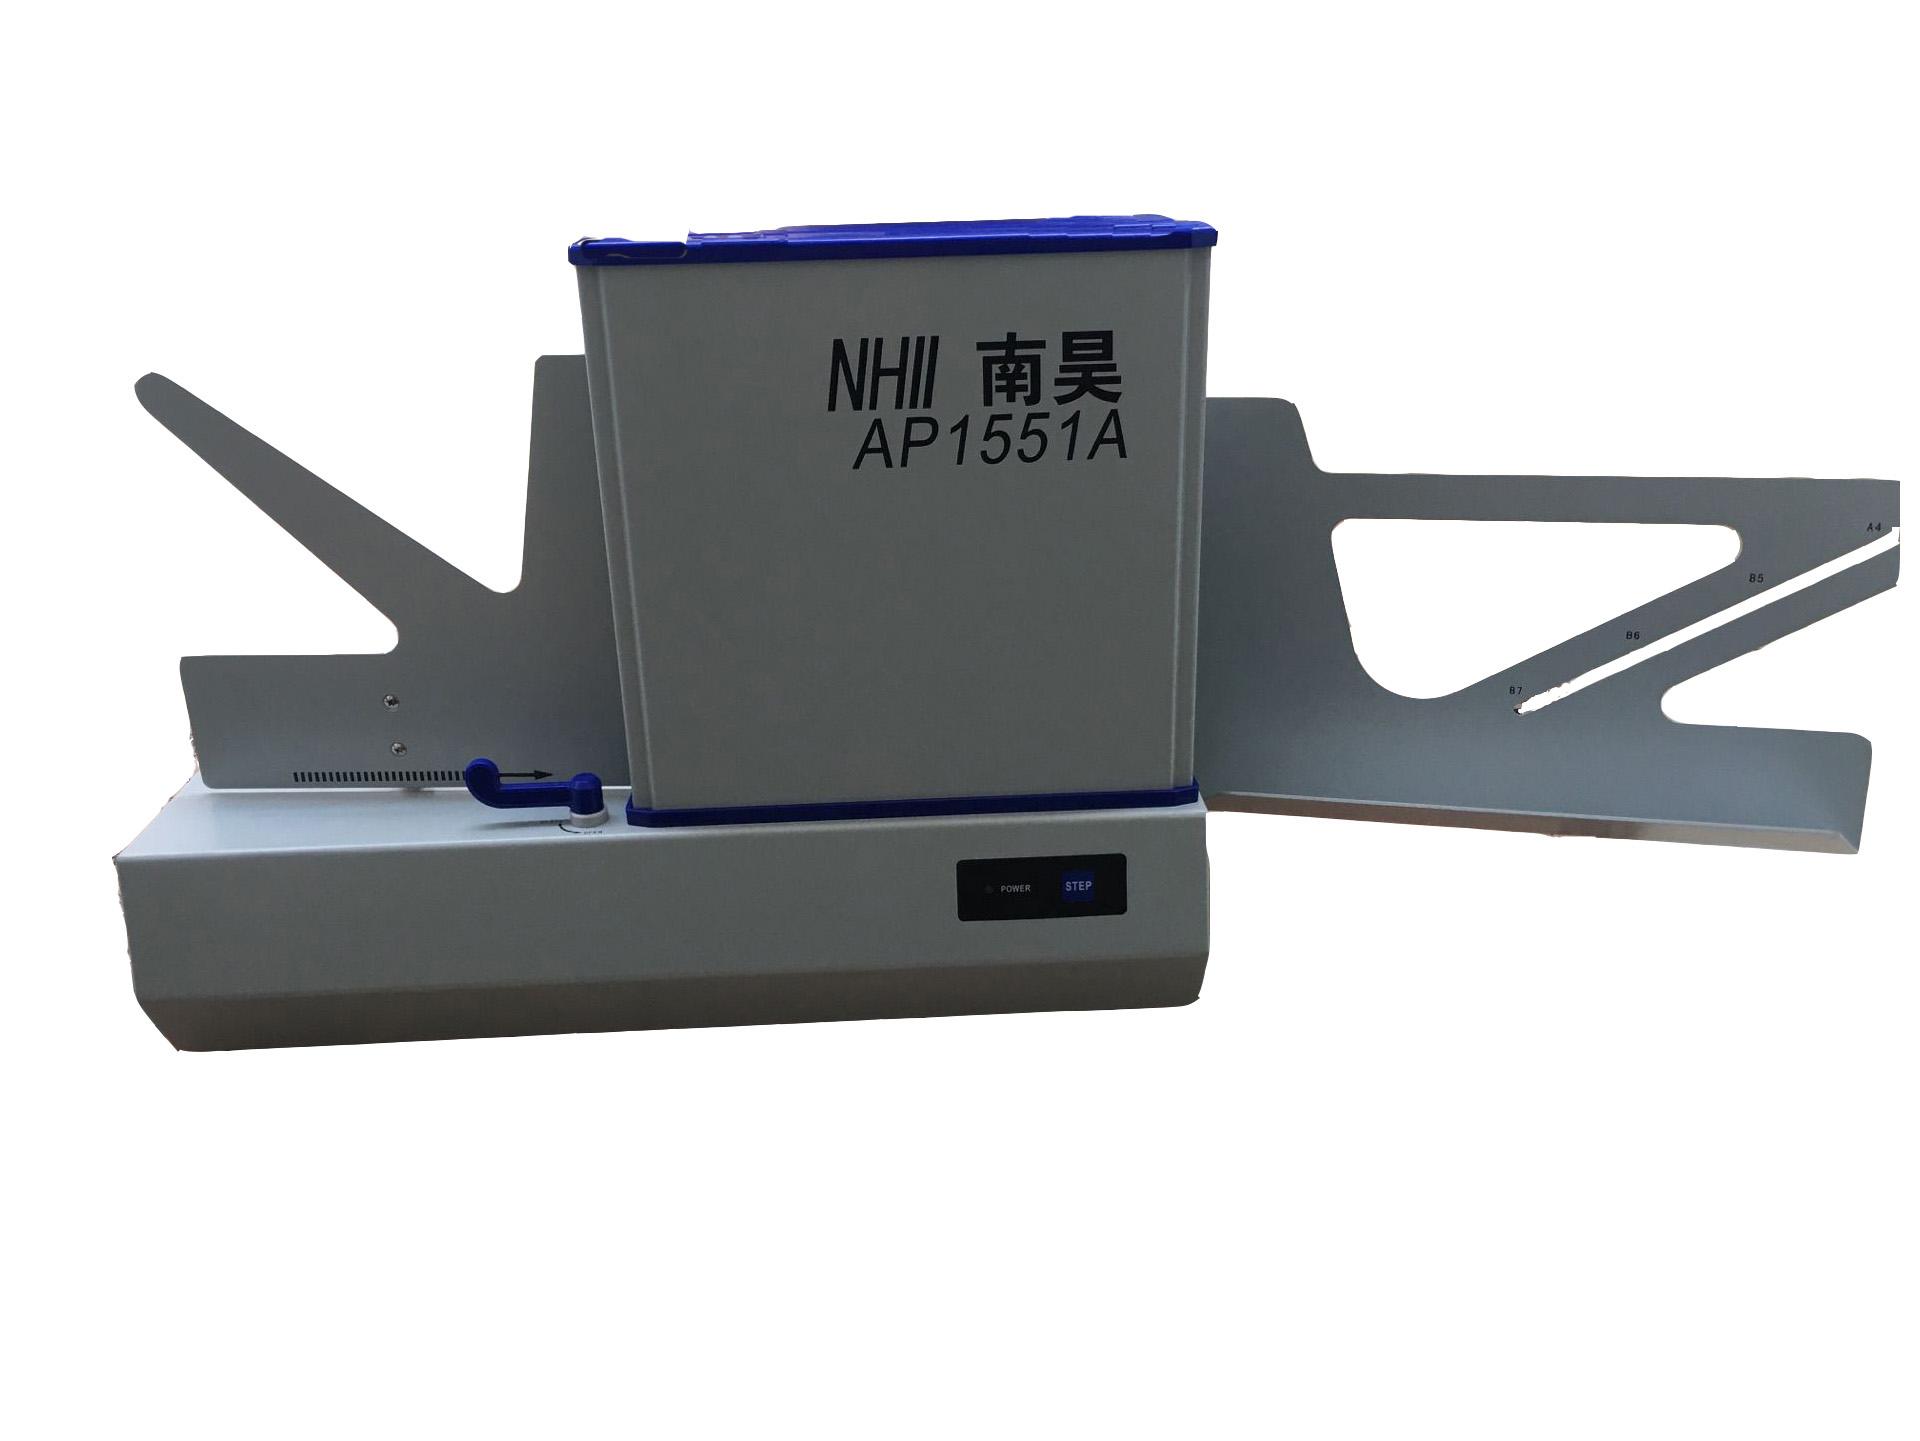 光标阅读机AP1551A价格 光标阅读机型号推荐|新闻动态-河北文柏云考科技发展有限公司